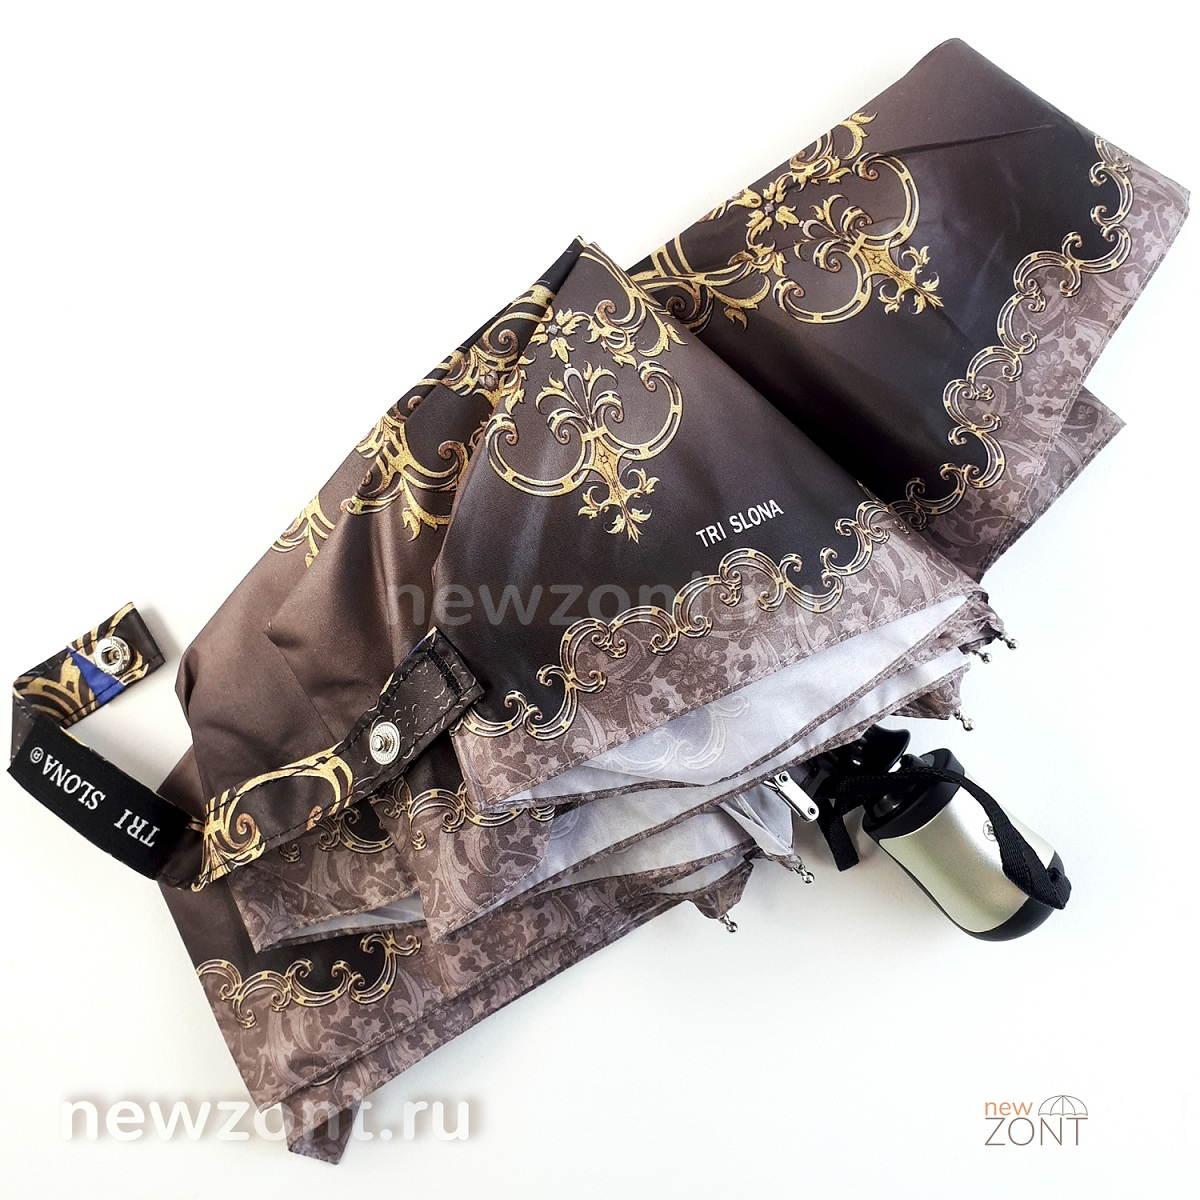 Мини зонт Три Слона коричневый автомат